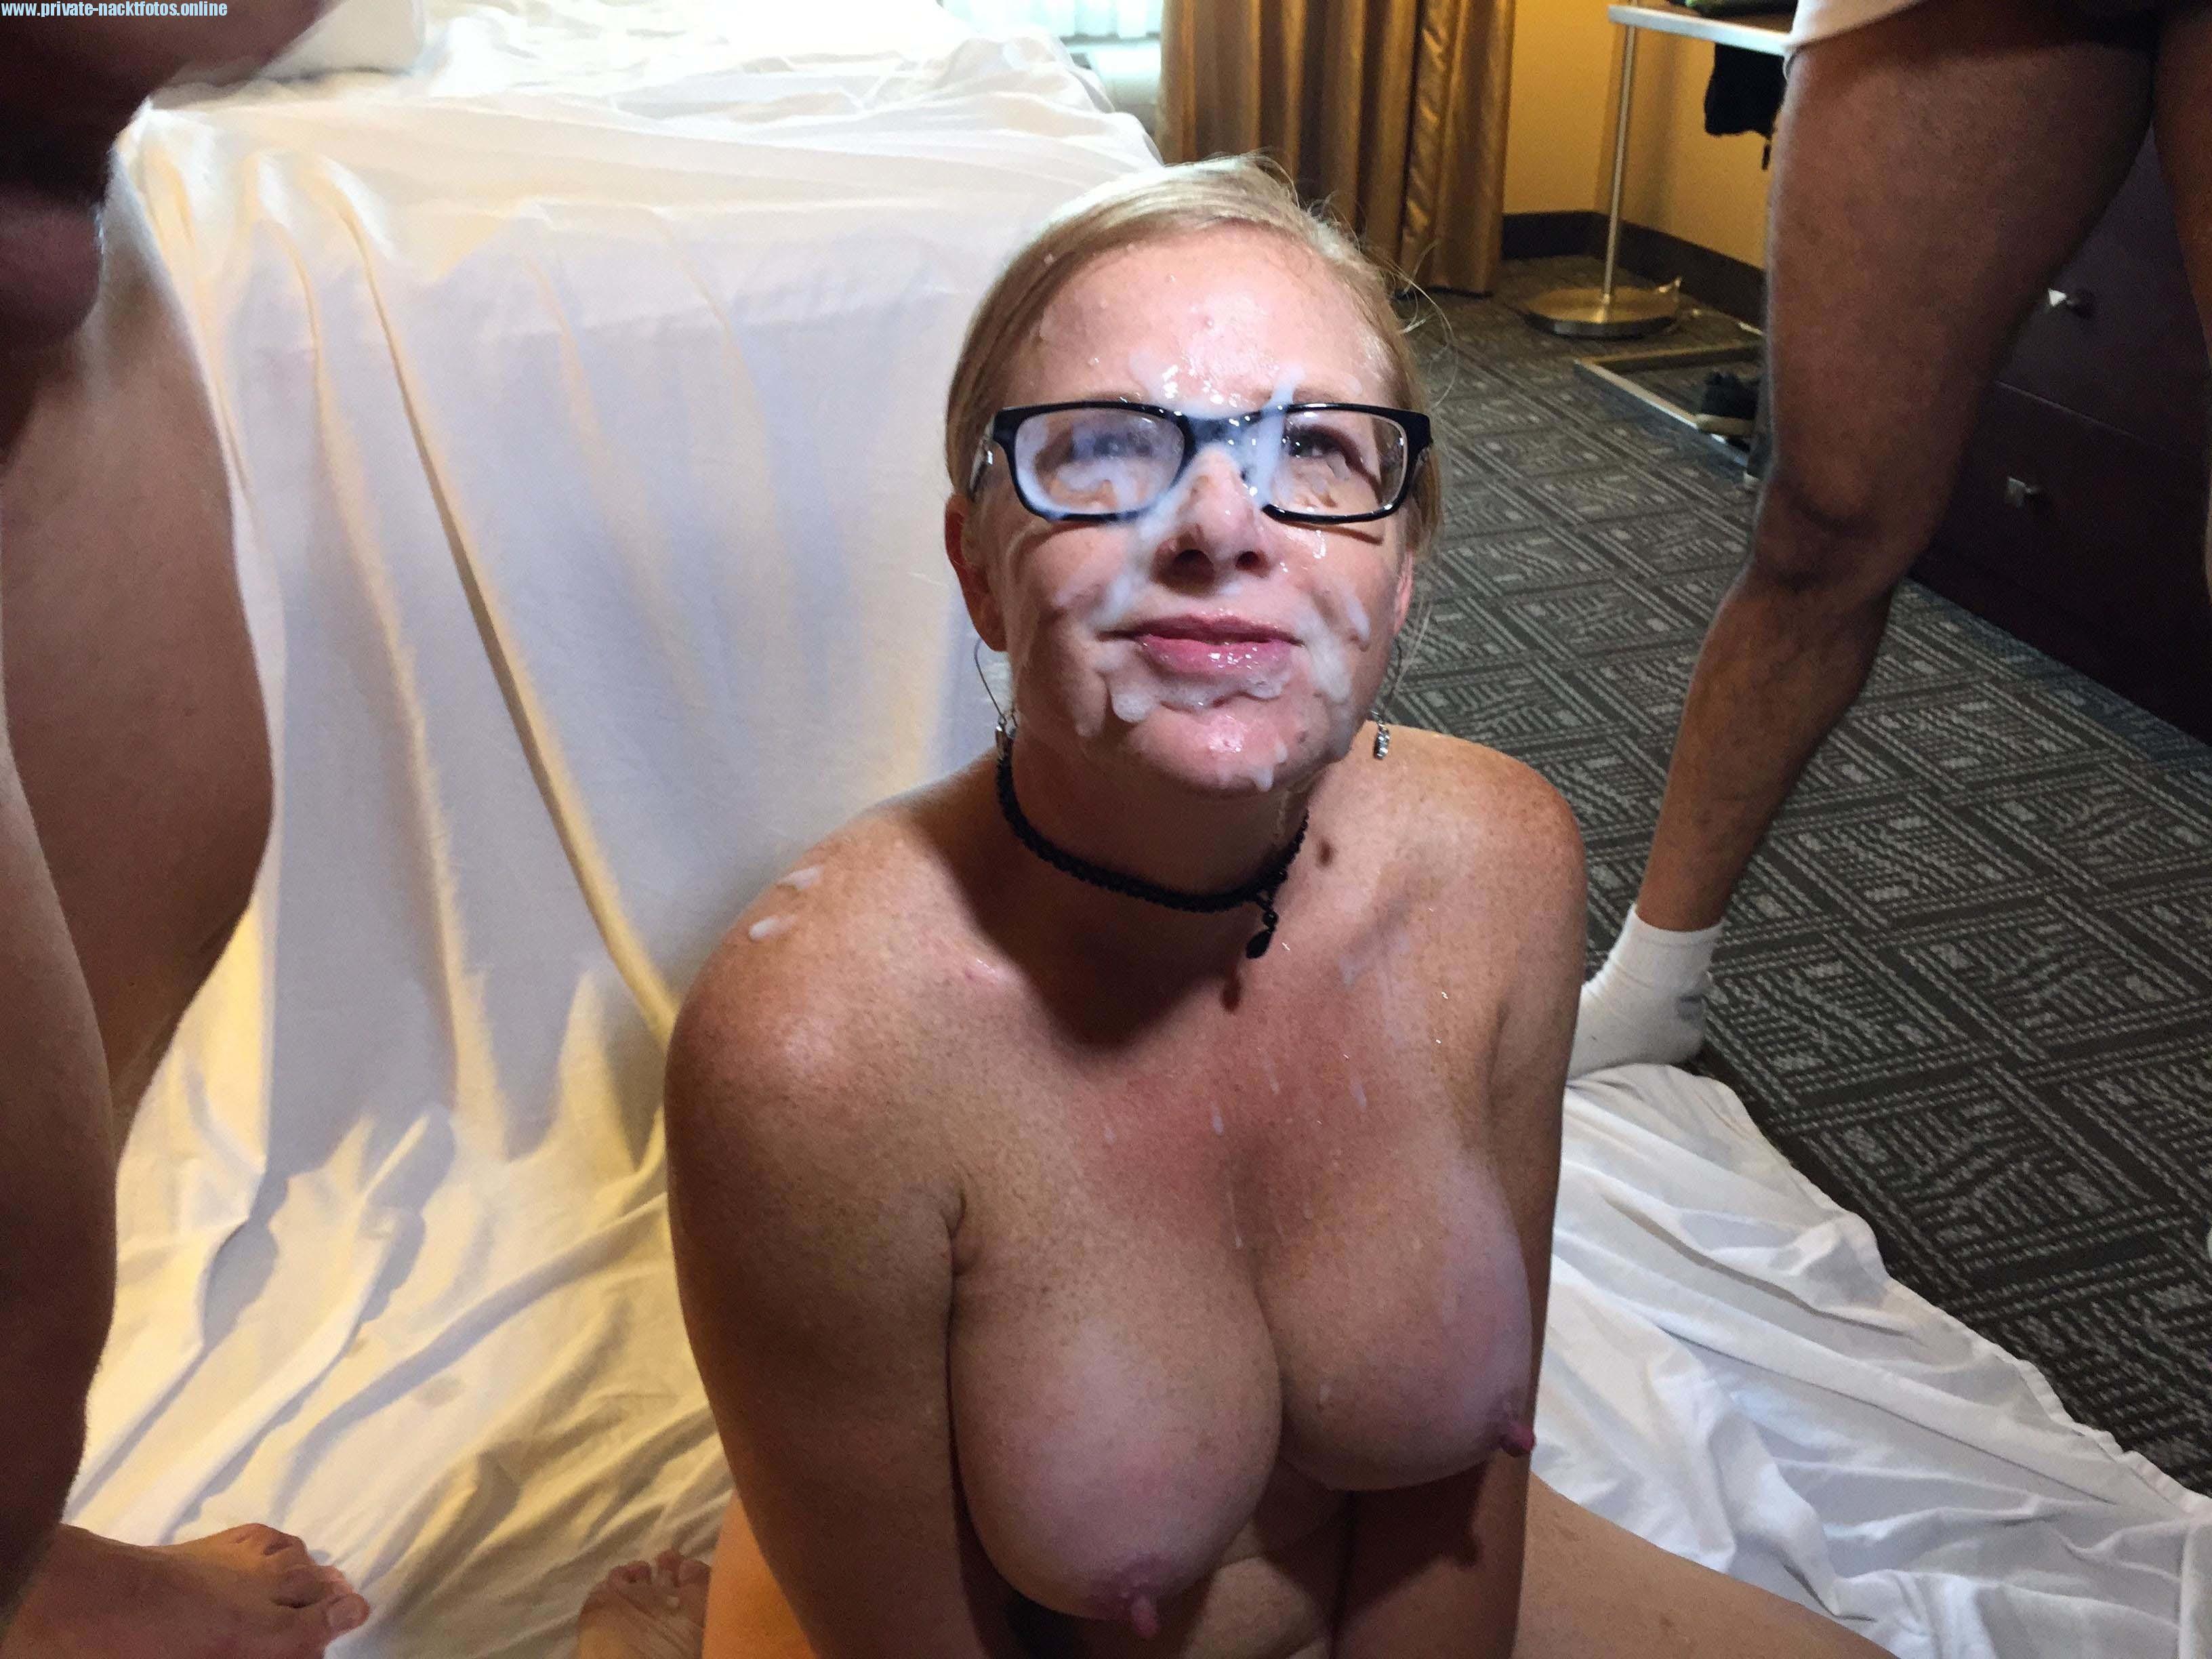 Sexy fick freundin aus leverkusen geil durchgefickt - 1 part 8